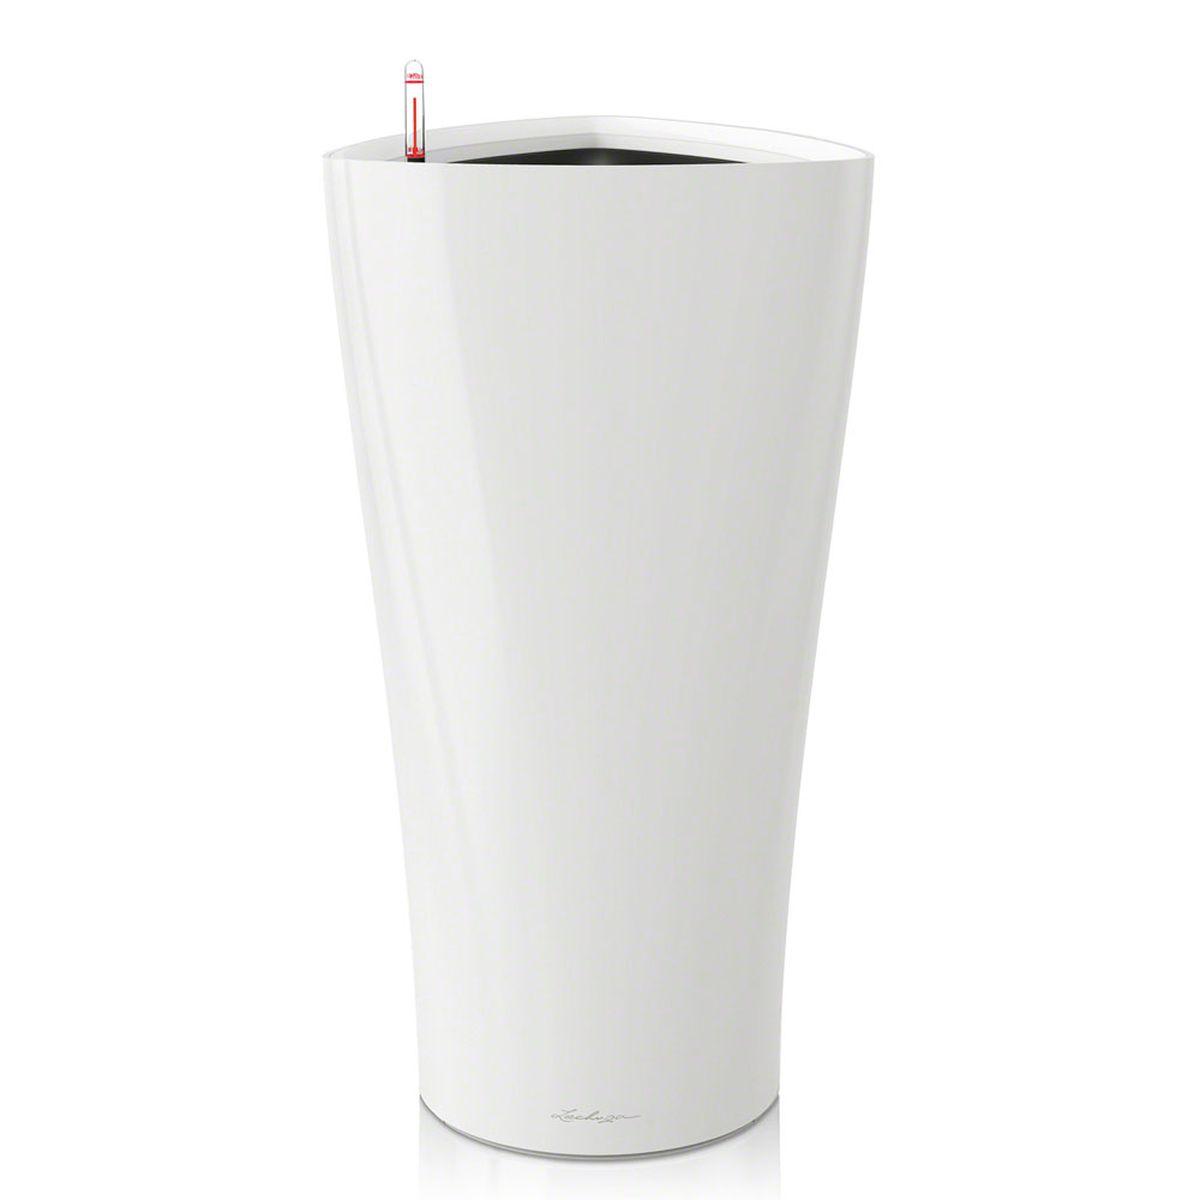 Кашпо Lechuza Delta, с системой автополива, цвет: белый, 40 х 40 х 75 смZ-0307Кашпо Lechuza Delta, выполненное из высококачественного пластика, имеет уникальную систему автополива, благодаря которой корневая система растения непрерывно снабжается влагой из резервуара. Уровень воды в резервуаре контролируется с помощью специального индикатора. В зависимости от размера кашпо и растения воды хватает на 2-12 недель. Это способствует хорошему росту цветов и предотвращает переувлажнение.В набор входит: кашпо, внутренний горшок, индикатор уровня воды, резервуар для воды. Внутренний горшок, оснащенный выдвижными ручками, обеспечивает:- легкую переноску даже высоких растений;- легкую смену растений;- можно также просто убрать растения на зиму;- винт в днище позволяет стечь излишней дождевой воде наружу.Кашпо Lechuza Delta прекрасно впишется в интерьер больших холлов, террас ресторанов и уютных гостиных. Изделие поможет расставить нужные акценты и придаст помещению вид, соответствующий вашим представлениям.